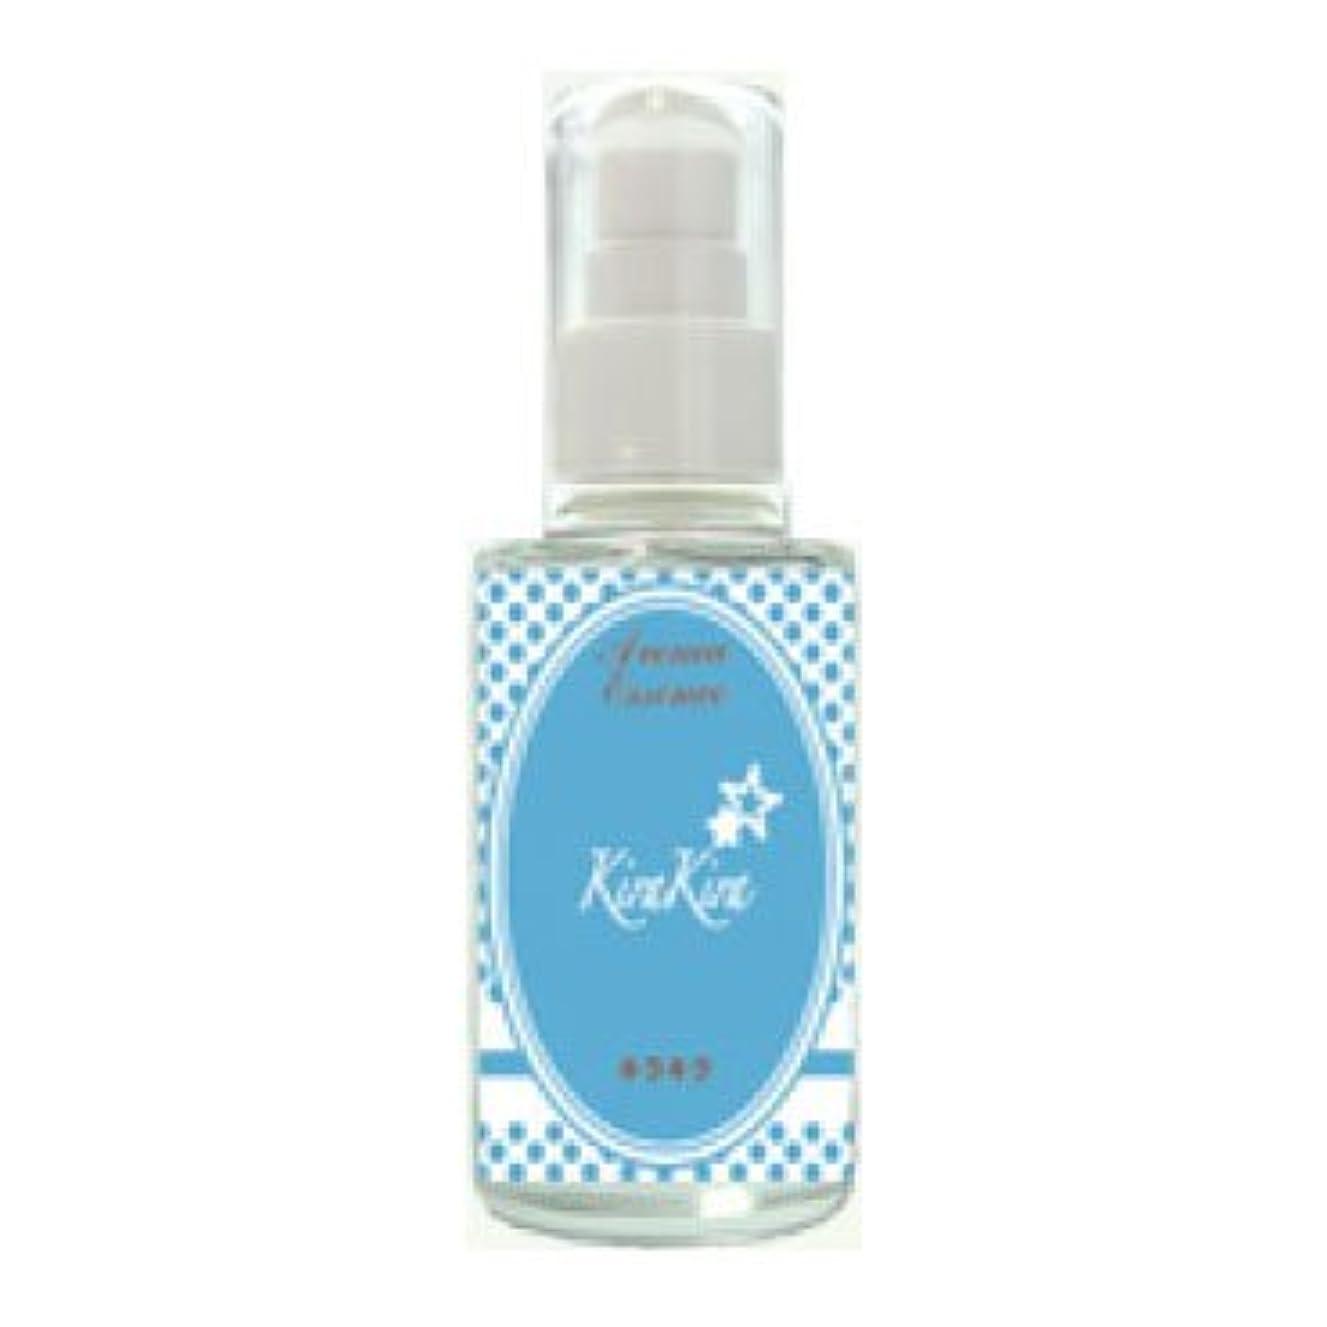 側溝変化するかどうかAroma Essence アロマエッセンス 香水系 06 キラキラ 50ml